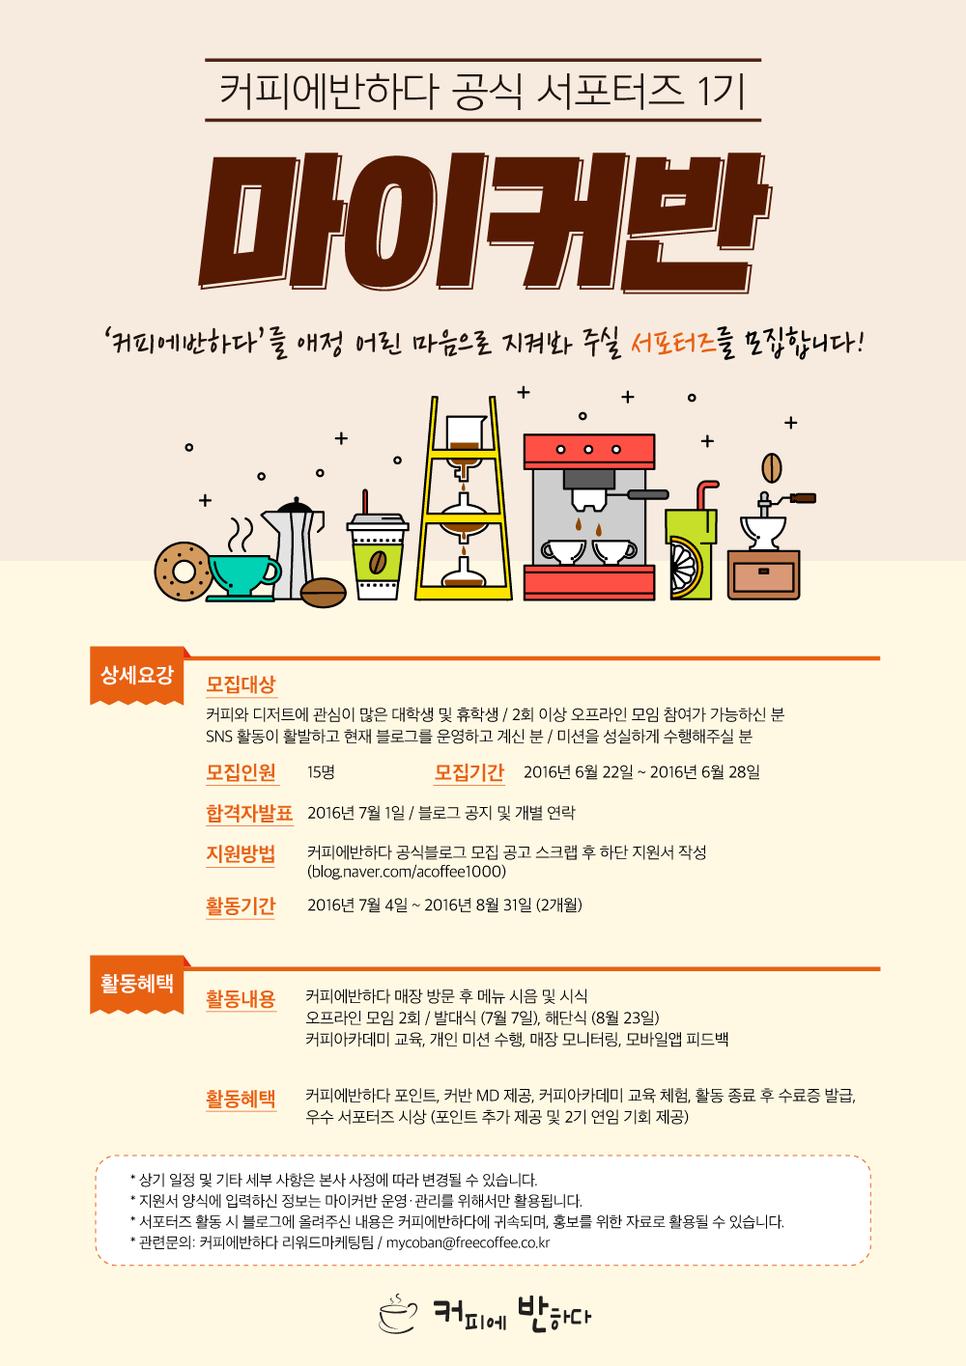 커피에반하다 공식 서포터즈 [마이커반] 1기 모집 (~6/28) : 네이버 블로그